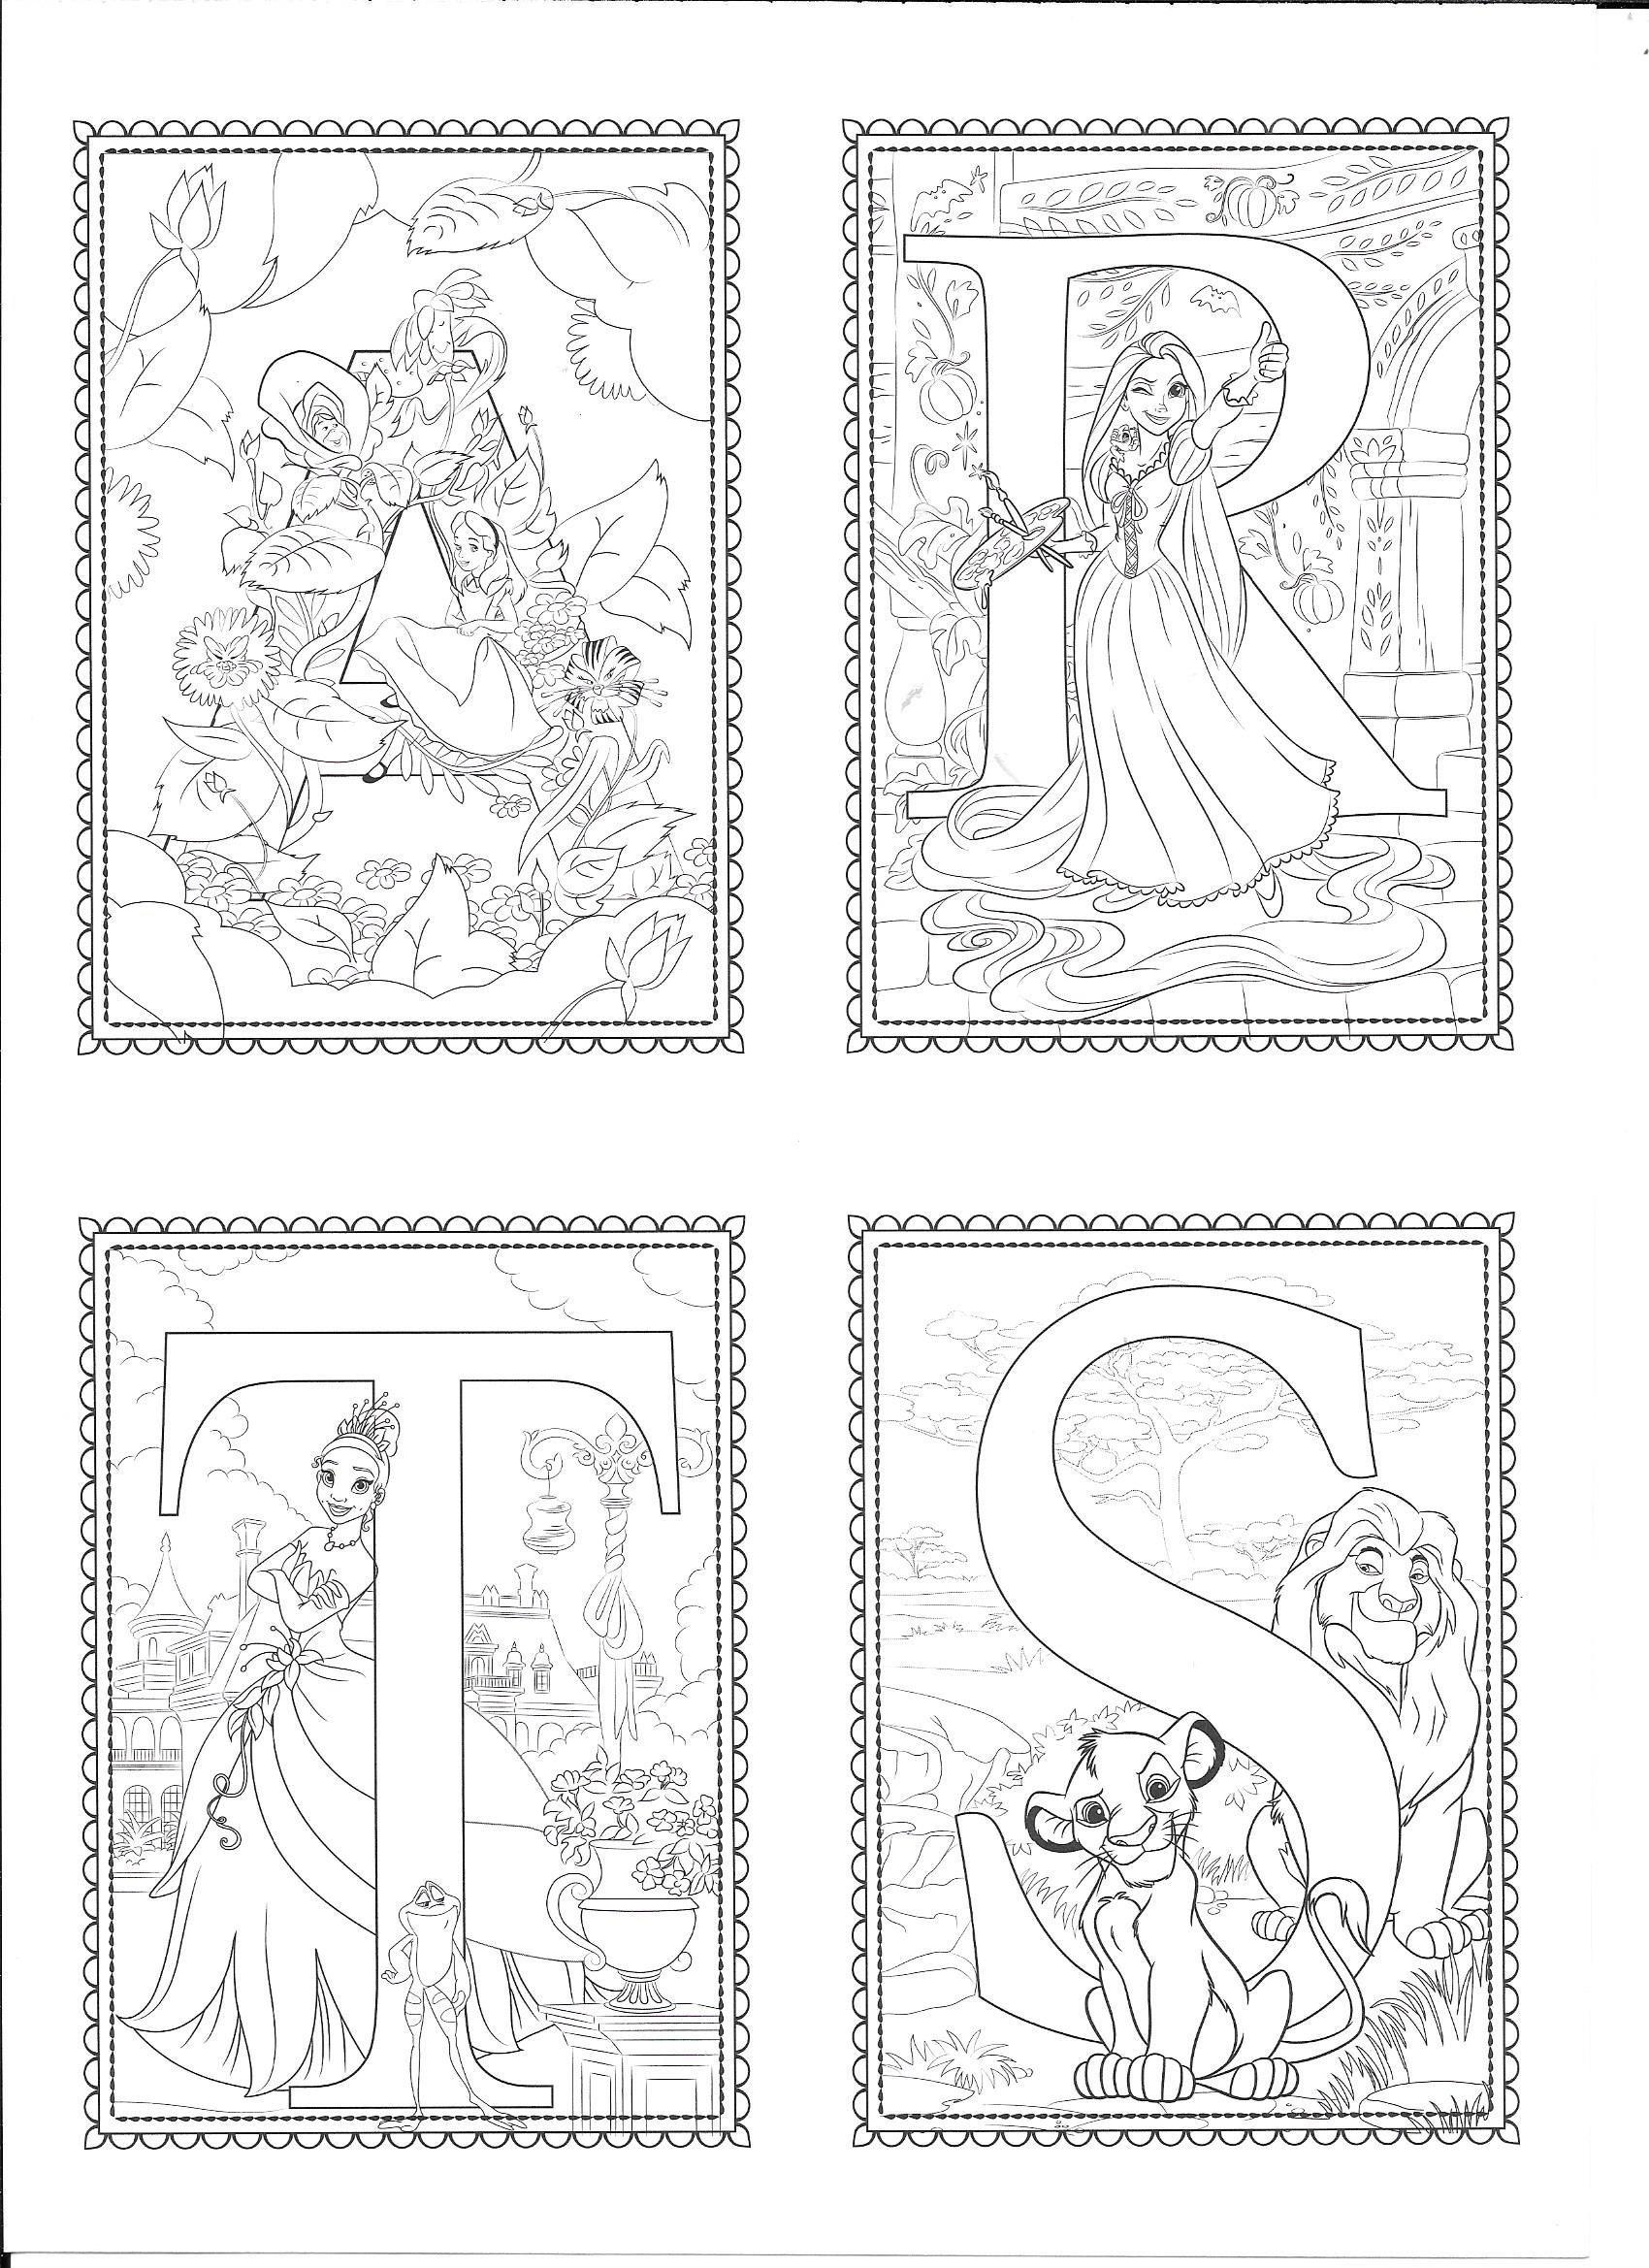 Disney Alphabet Coloring Pages Letter U Disney Alphabet Coloring Pages In 2020 Disney Alphabet Abc Coloring Pages Alphabet Coloring Pages